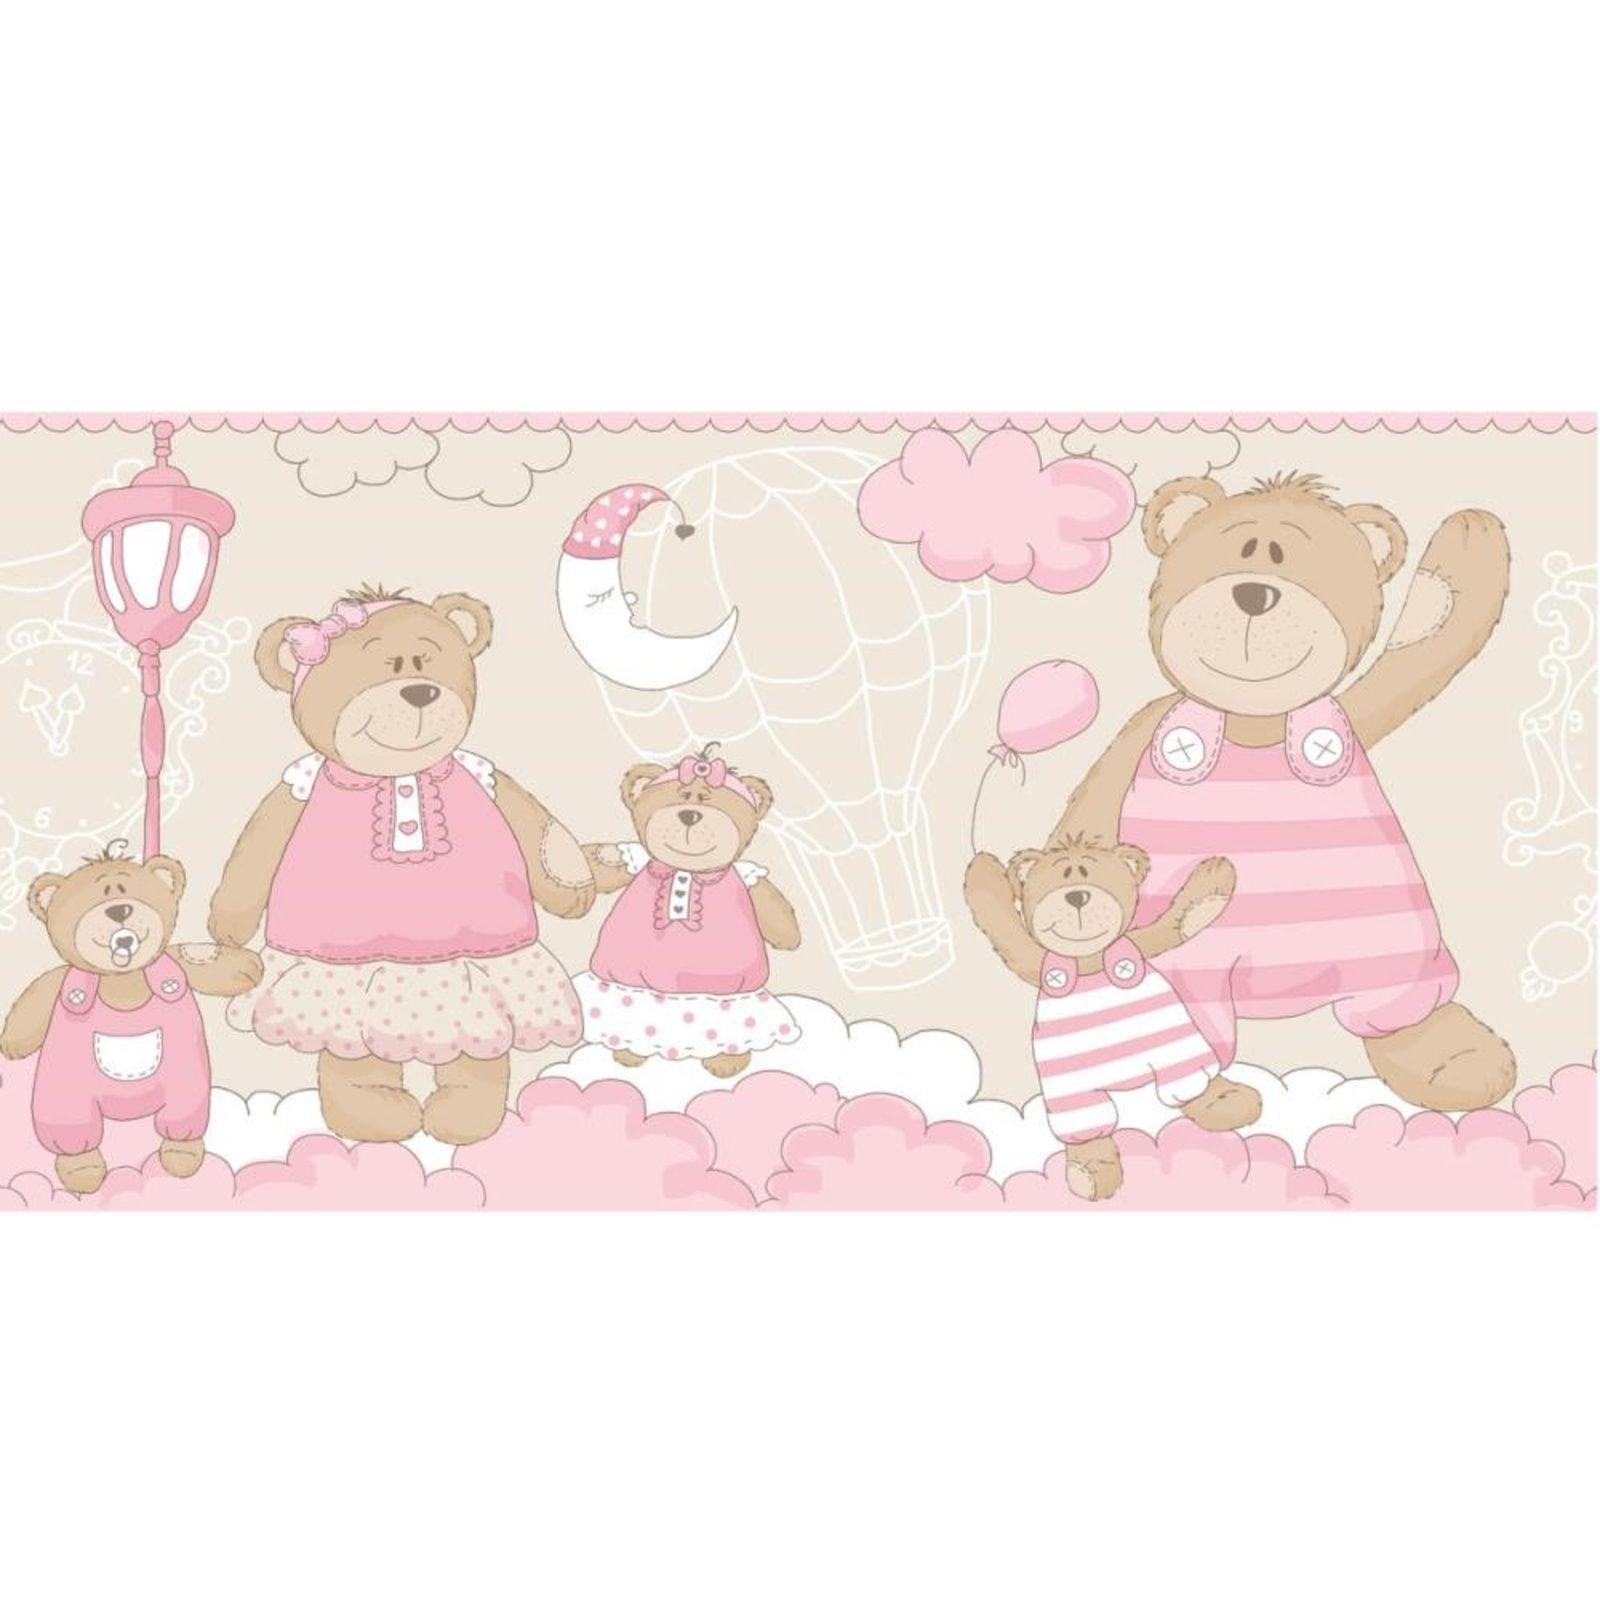 Faixa Papel de parede  Infantil Coleção Olá Baby 2 Ursos Bege, Rosa, Marfim, Marrom